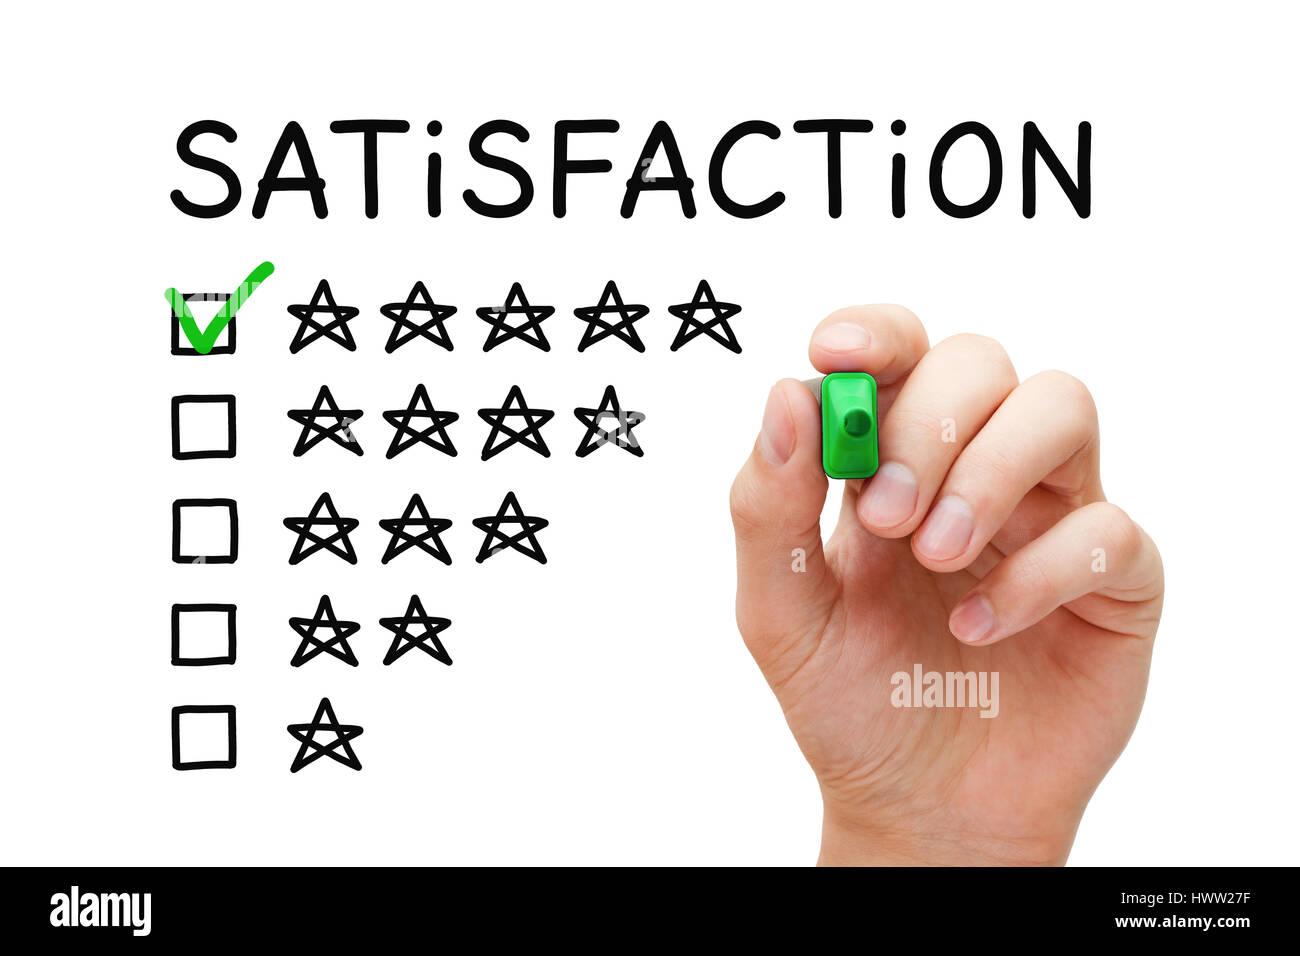 Mettre la main coche avec marqueur vert sur cinq étoiles sous forme de liste dans la satisfaction du client. Photo Stock